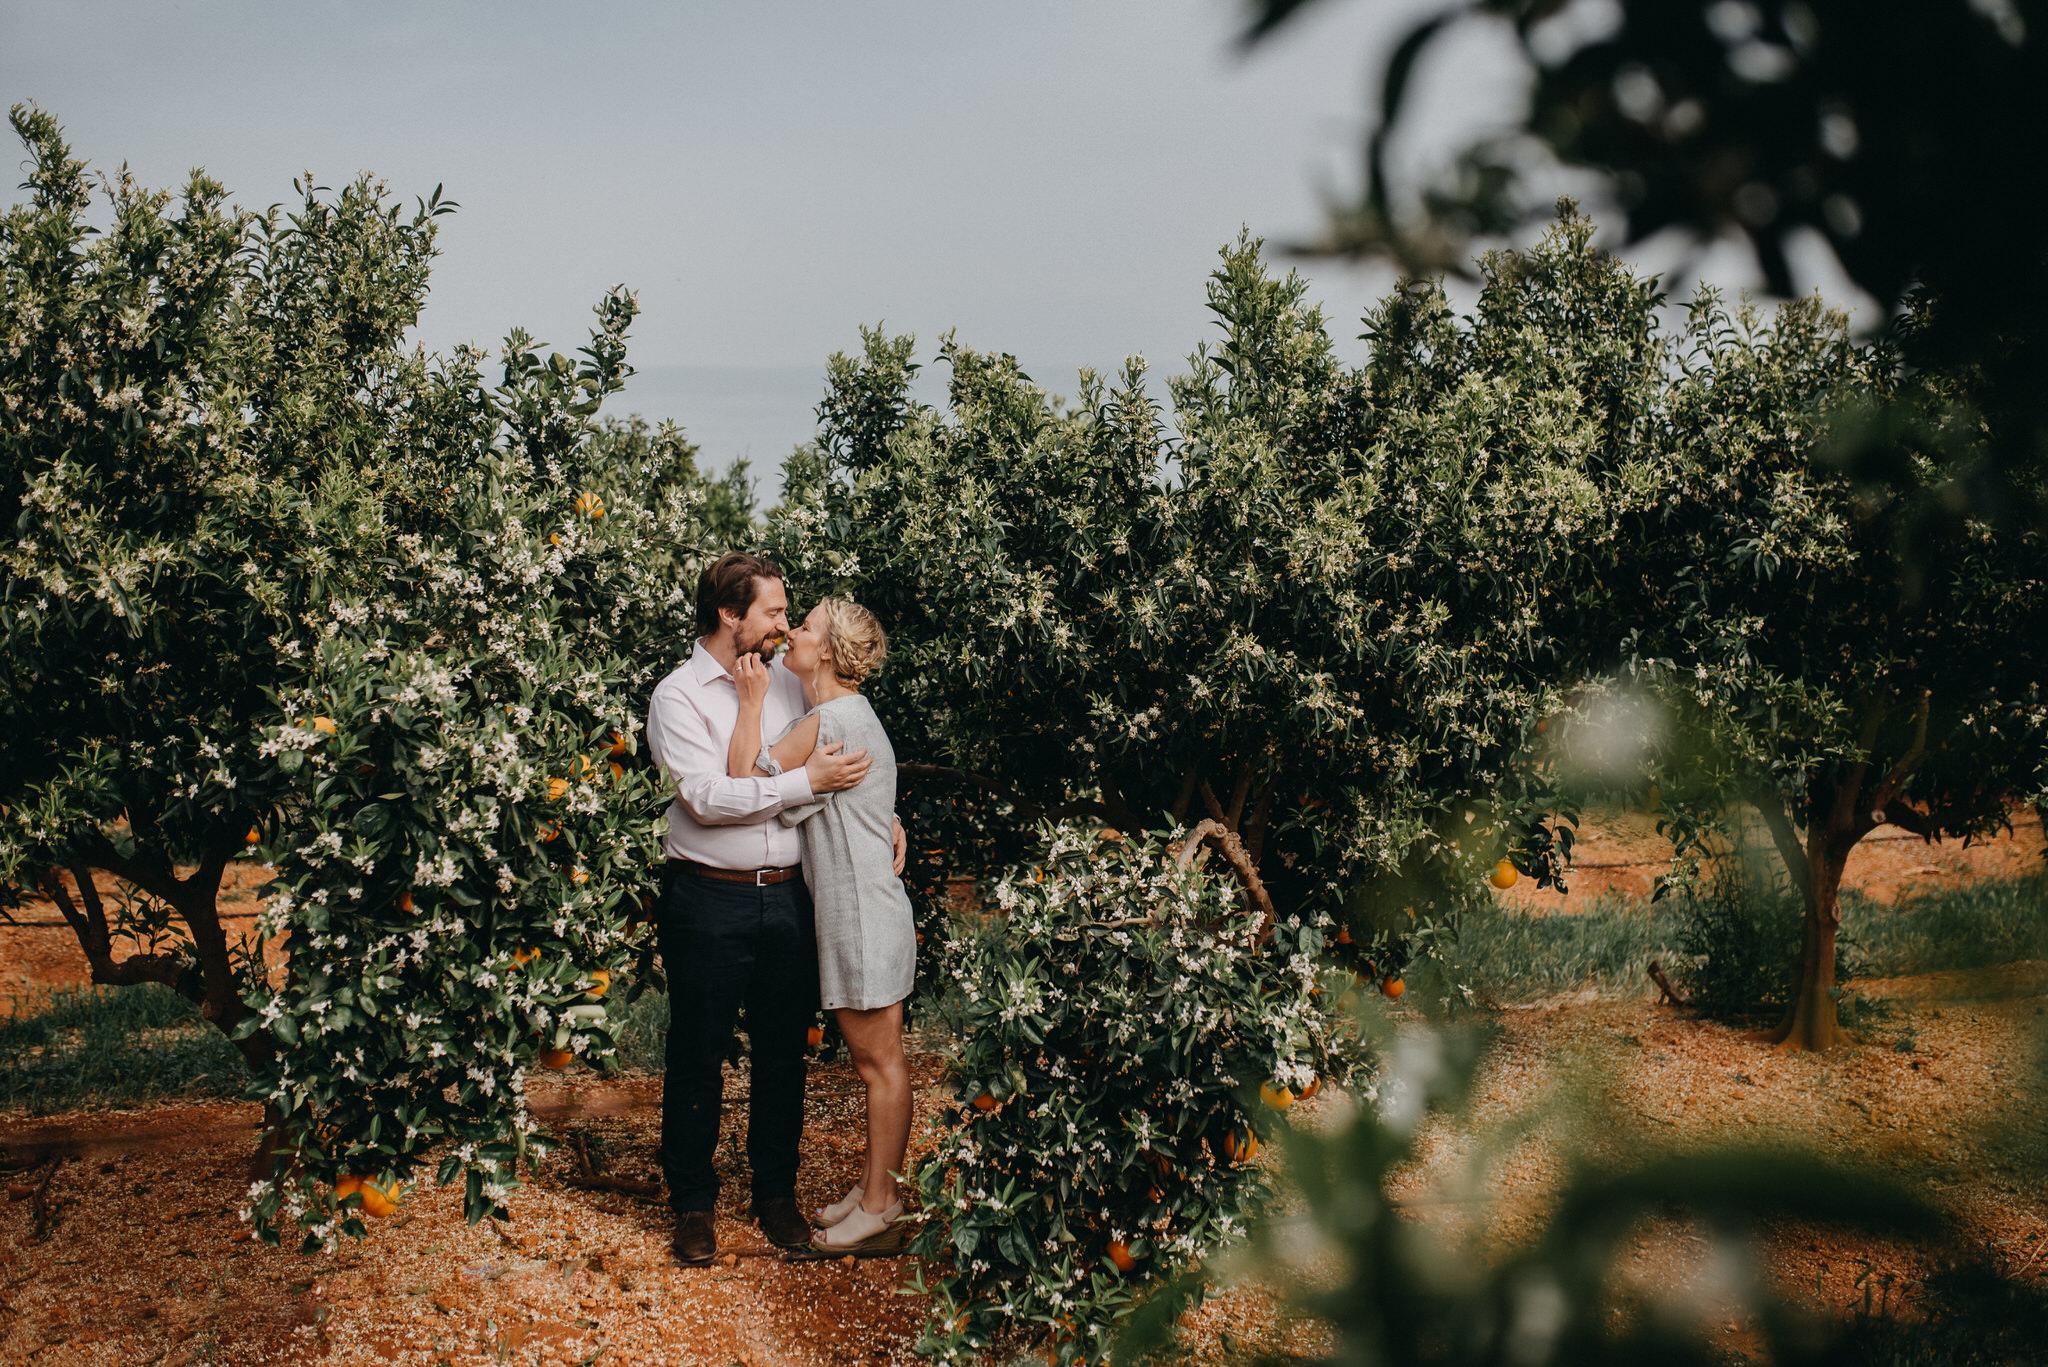 Sesja ślubna zagraniczzna Hiszpania Staszek Gajda0180.JPG